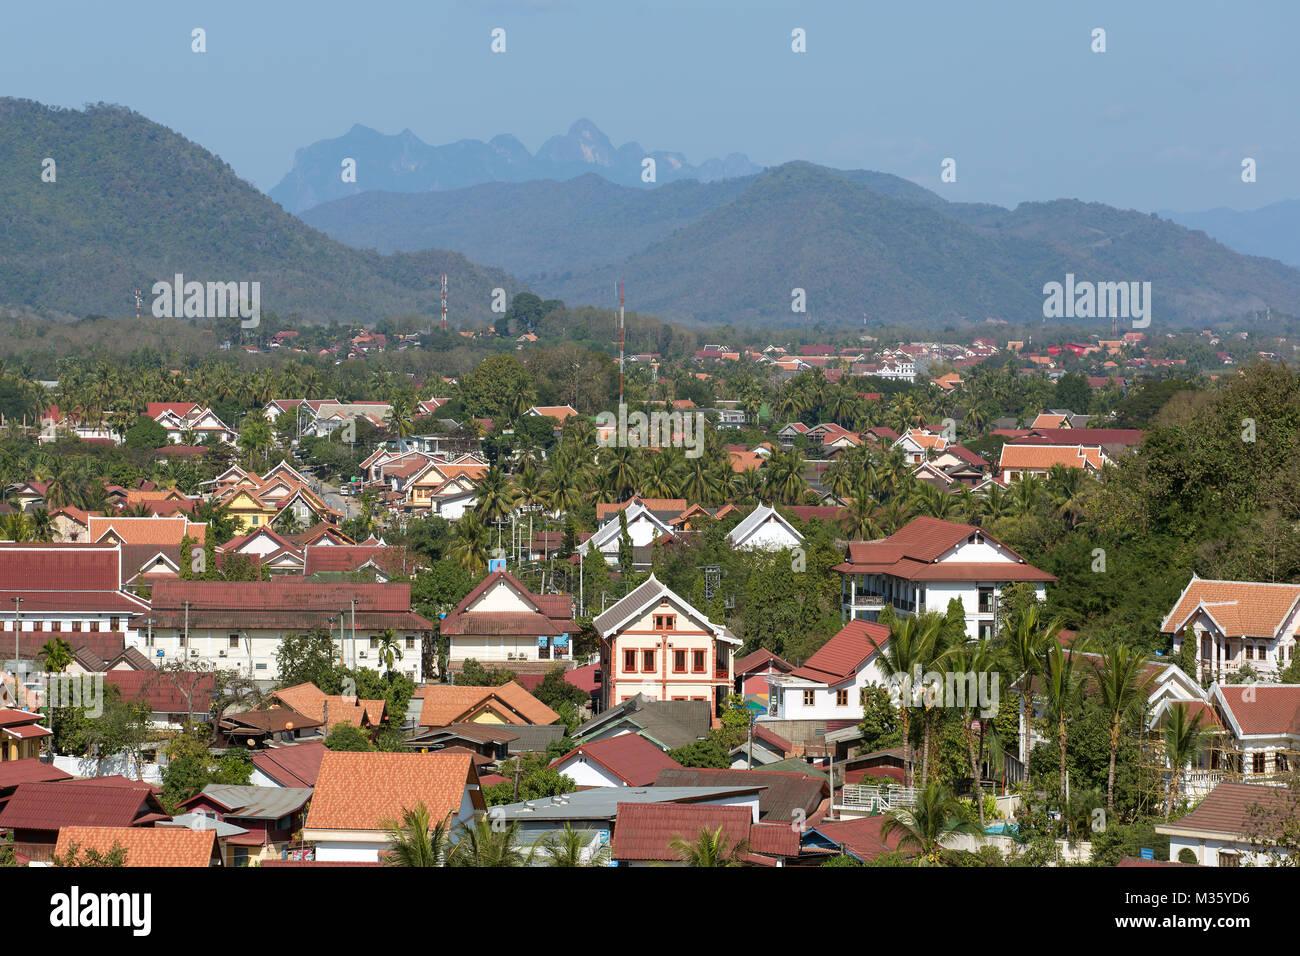 Top view of Luang Prabang, Laos Stock Photo